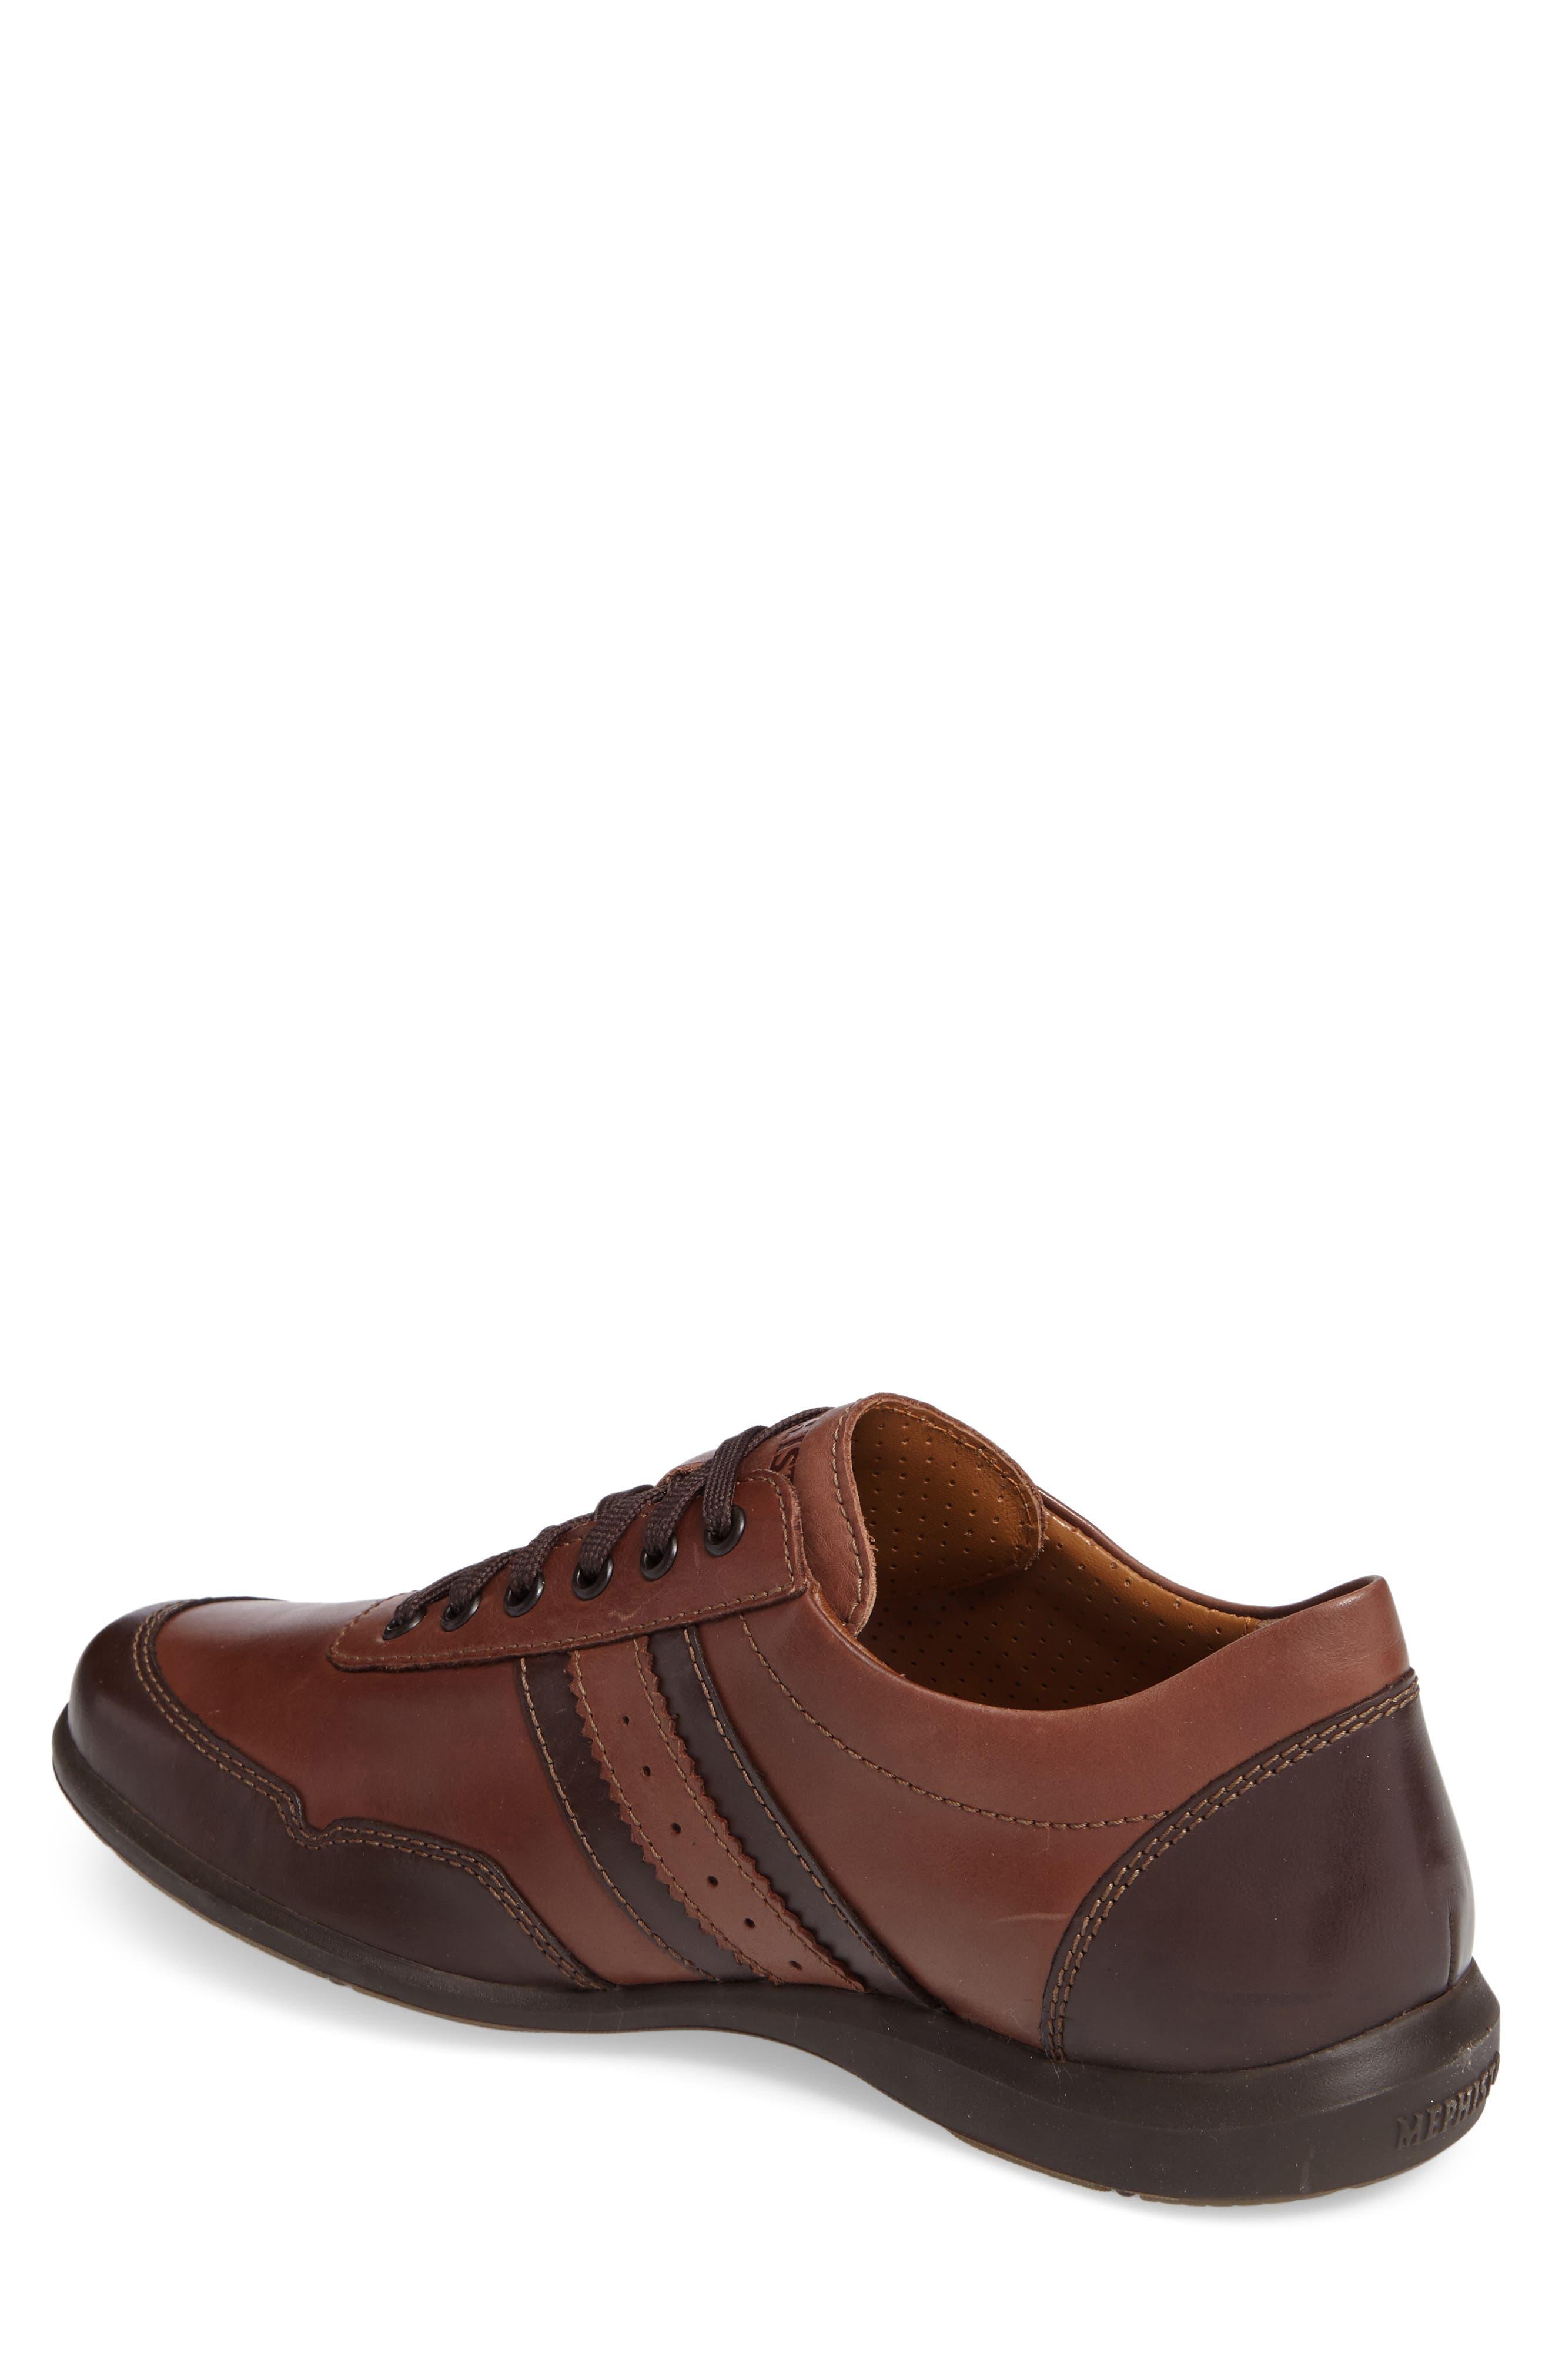 'Bonito' Walking Shoe,                             Alternate thumbnail 15, color,